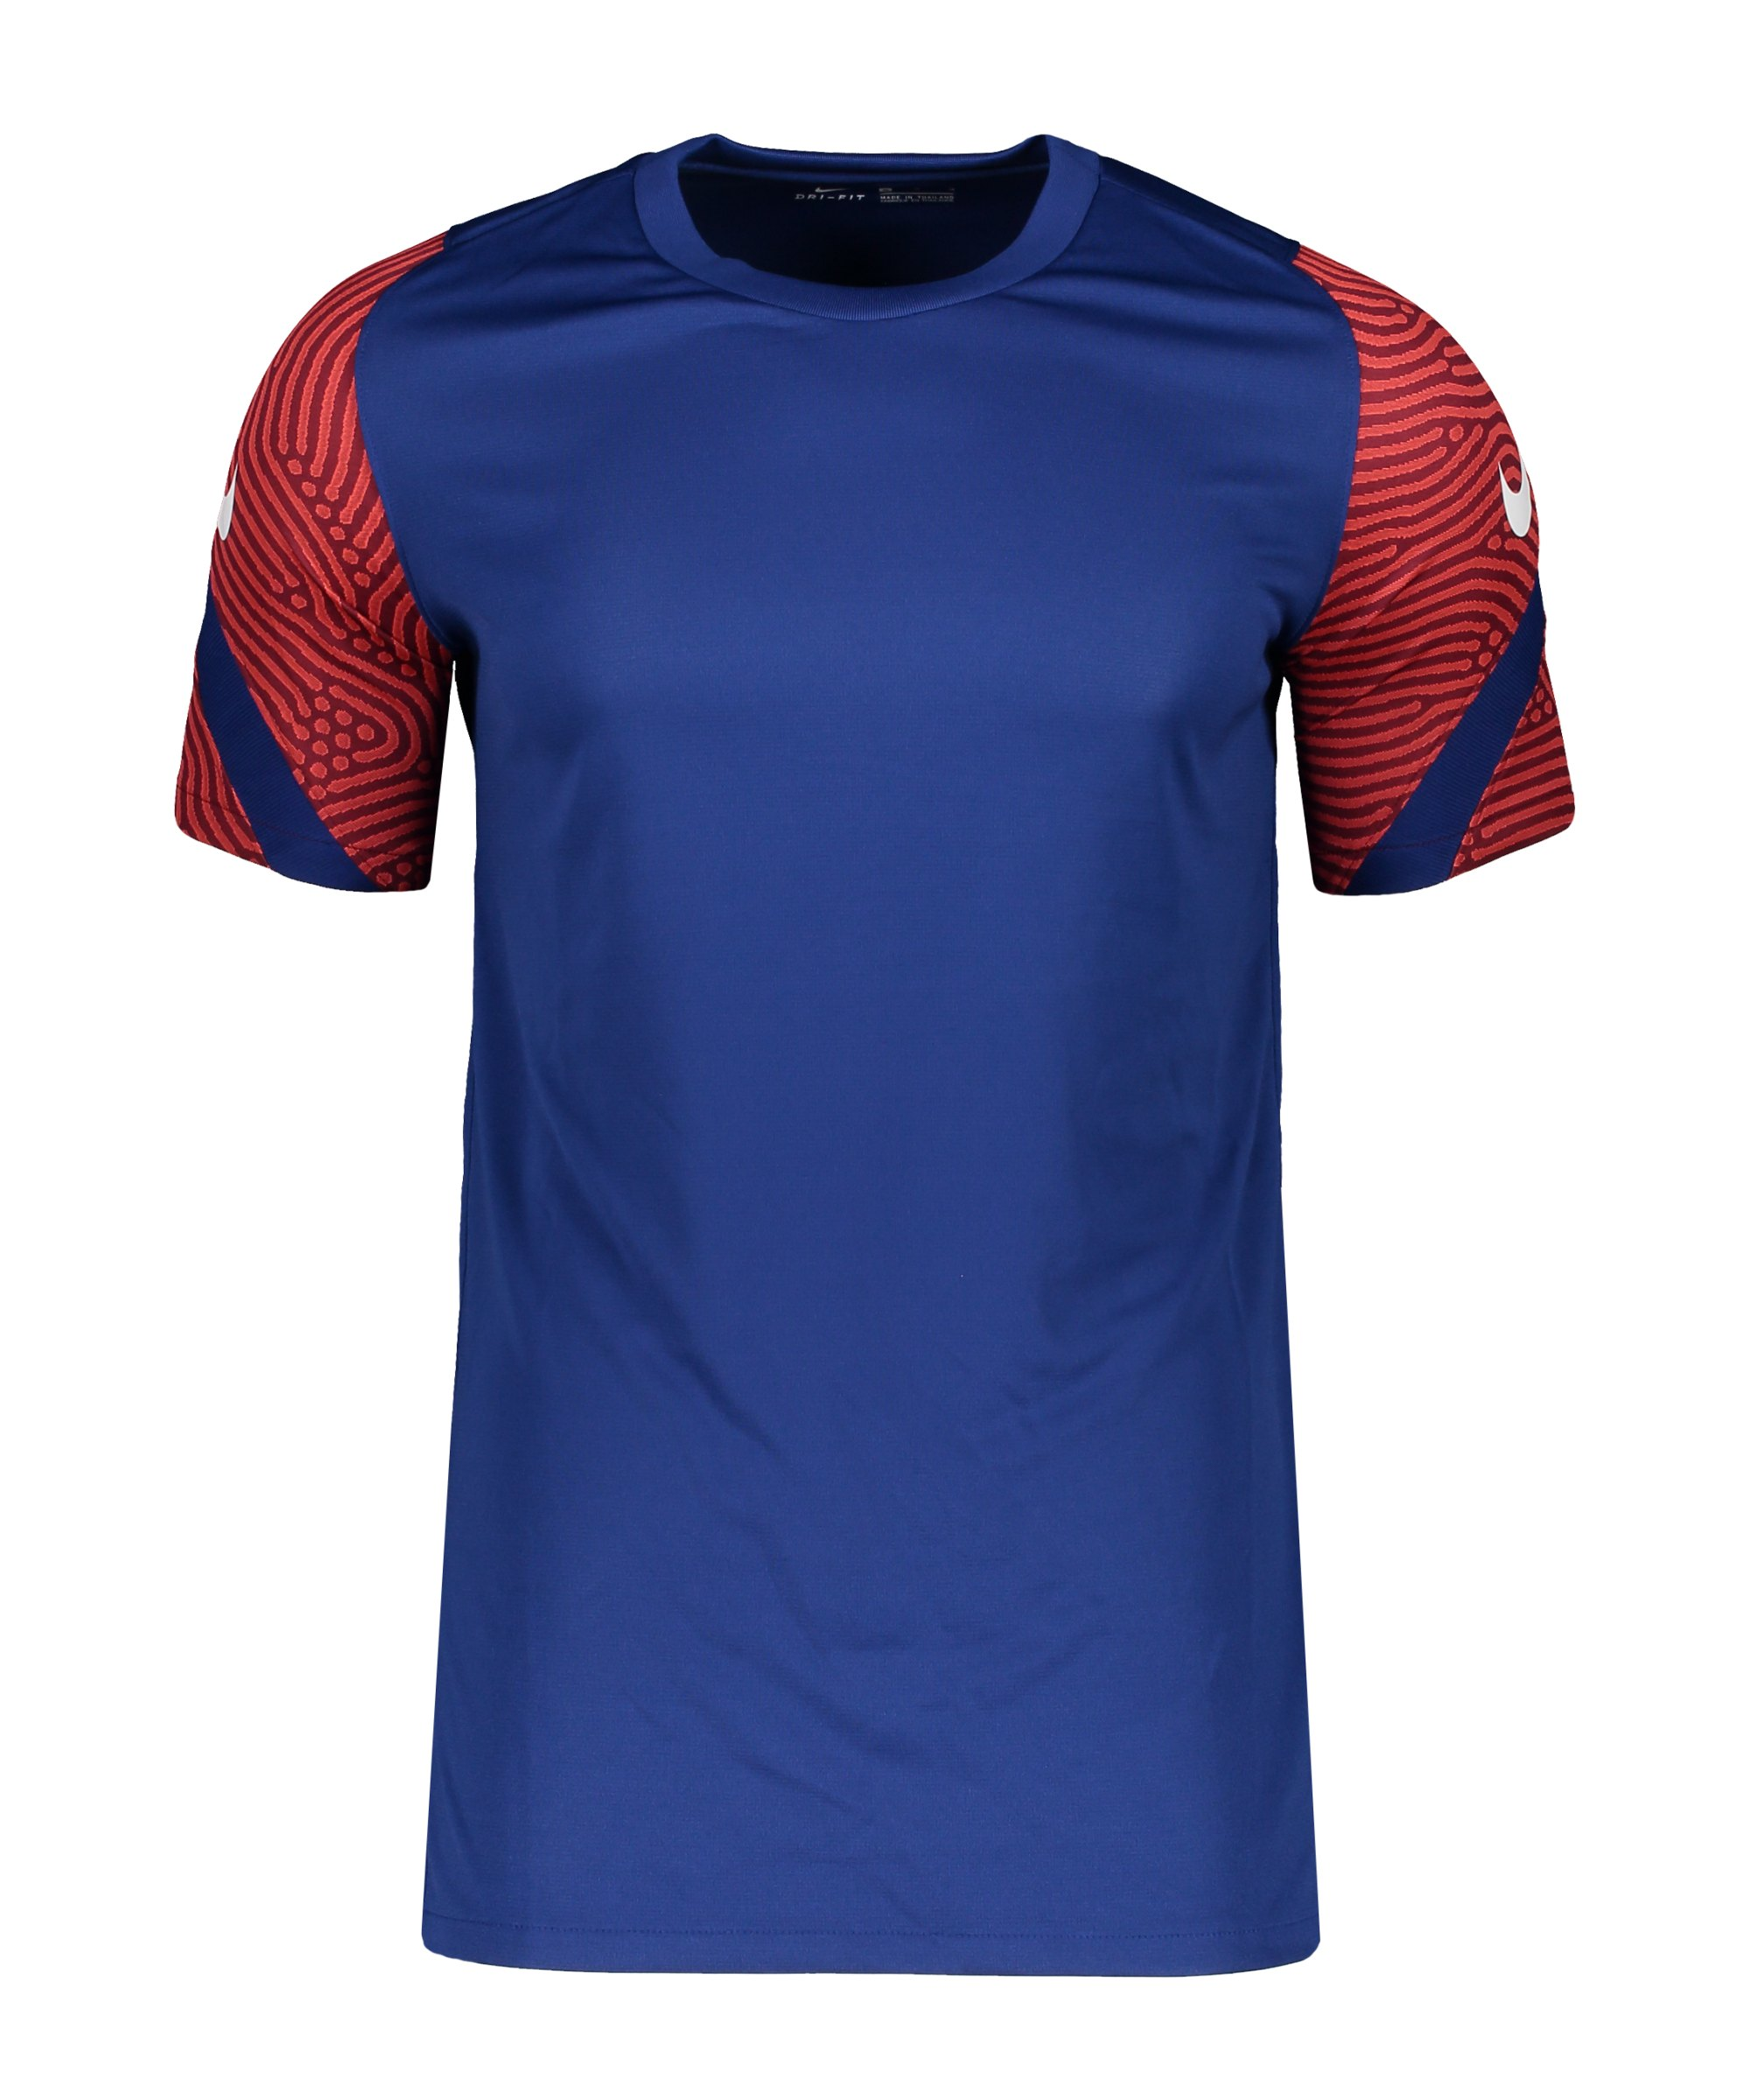 Nike Strike T-Shirt Blau F455 - blau